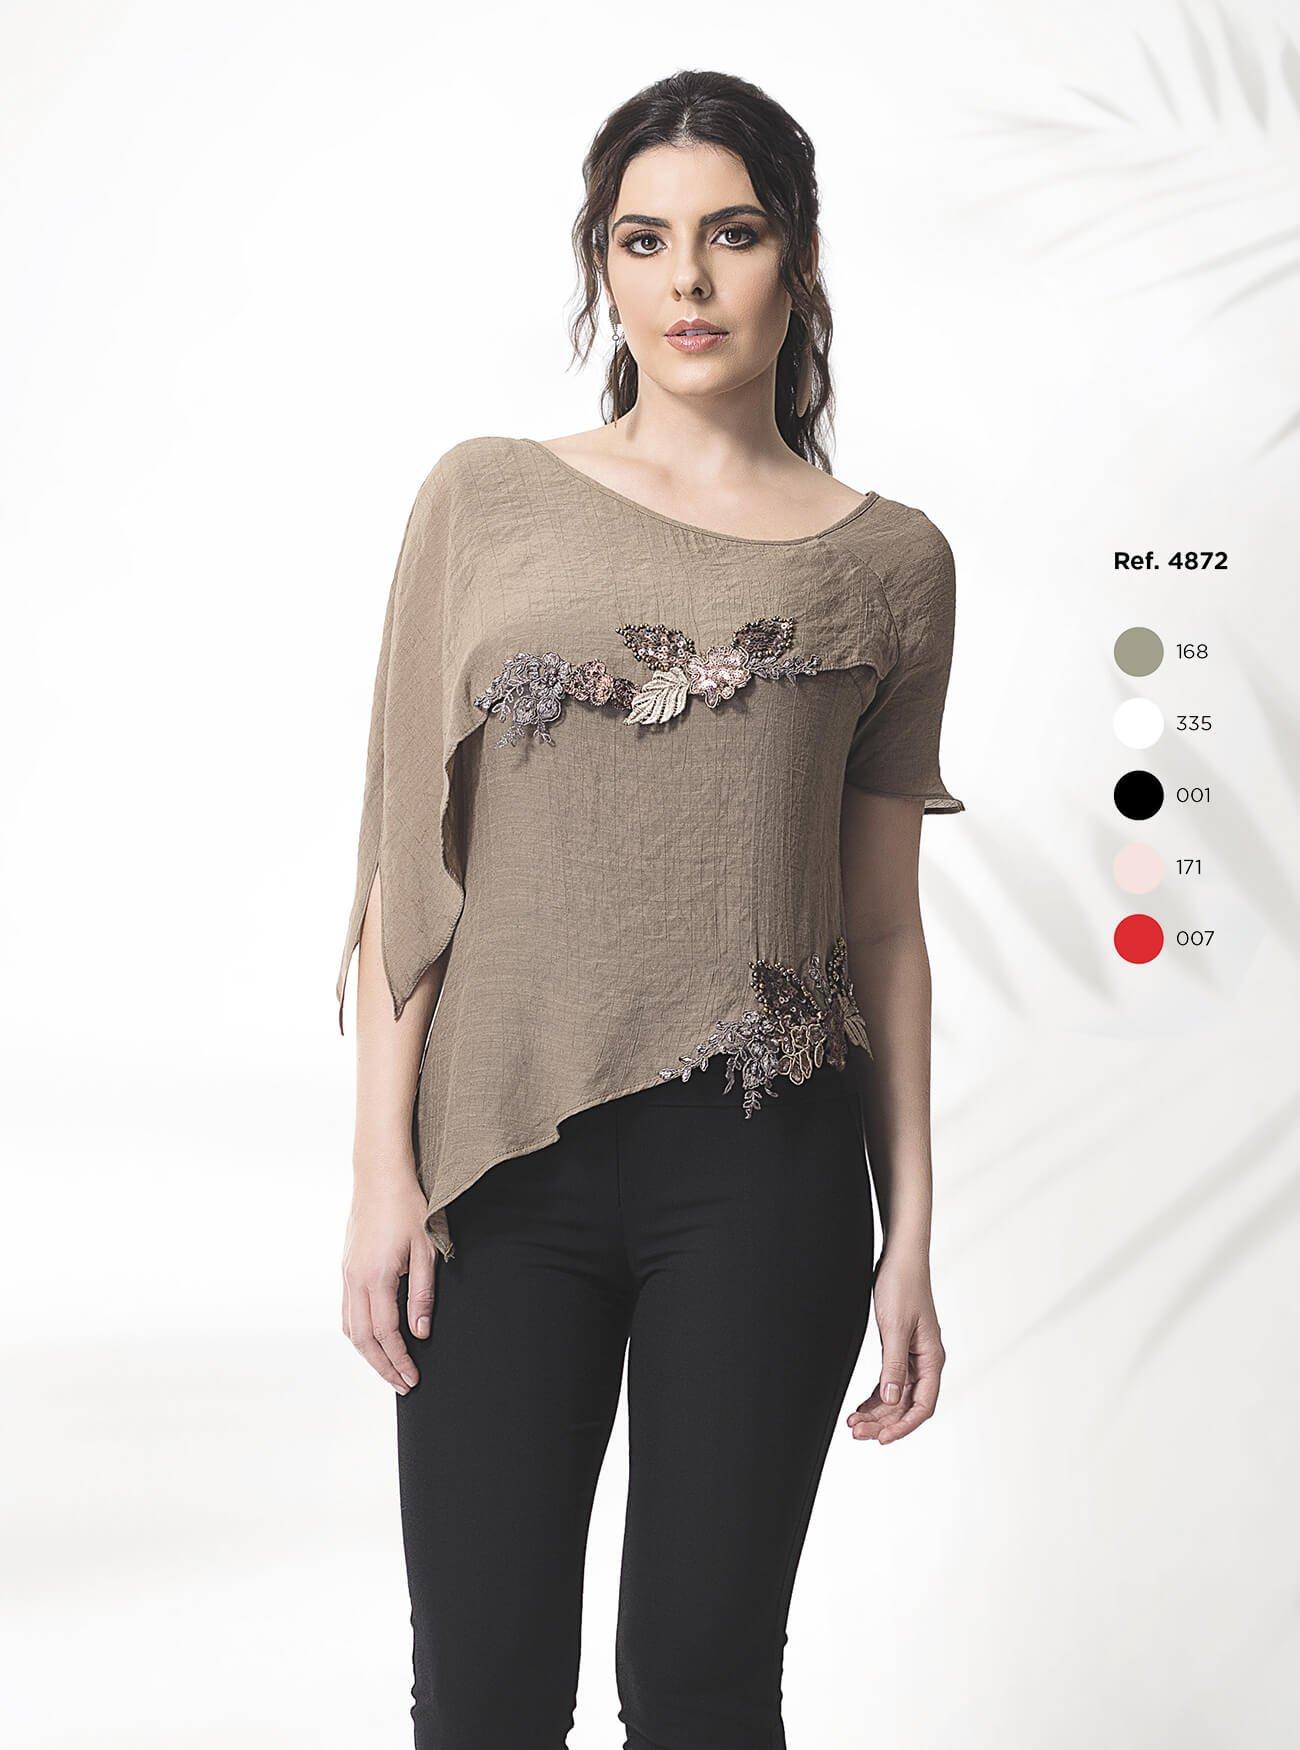 Blusa assimétrica com detalhes